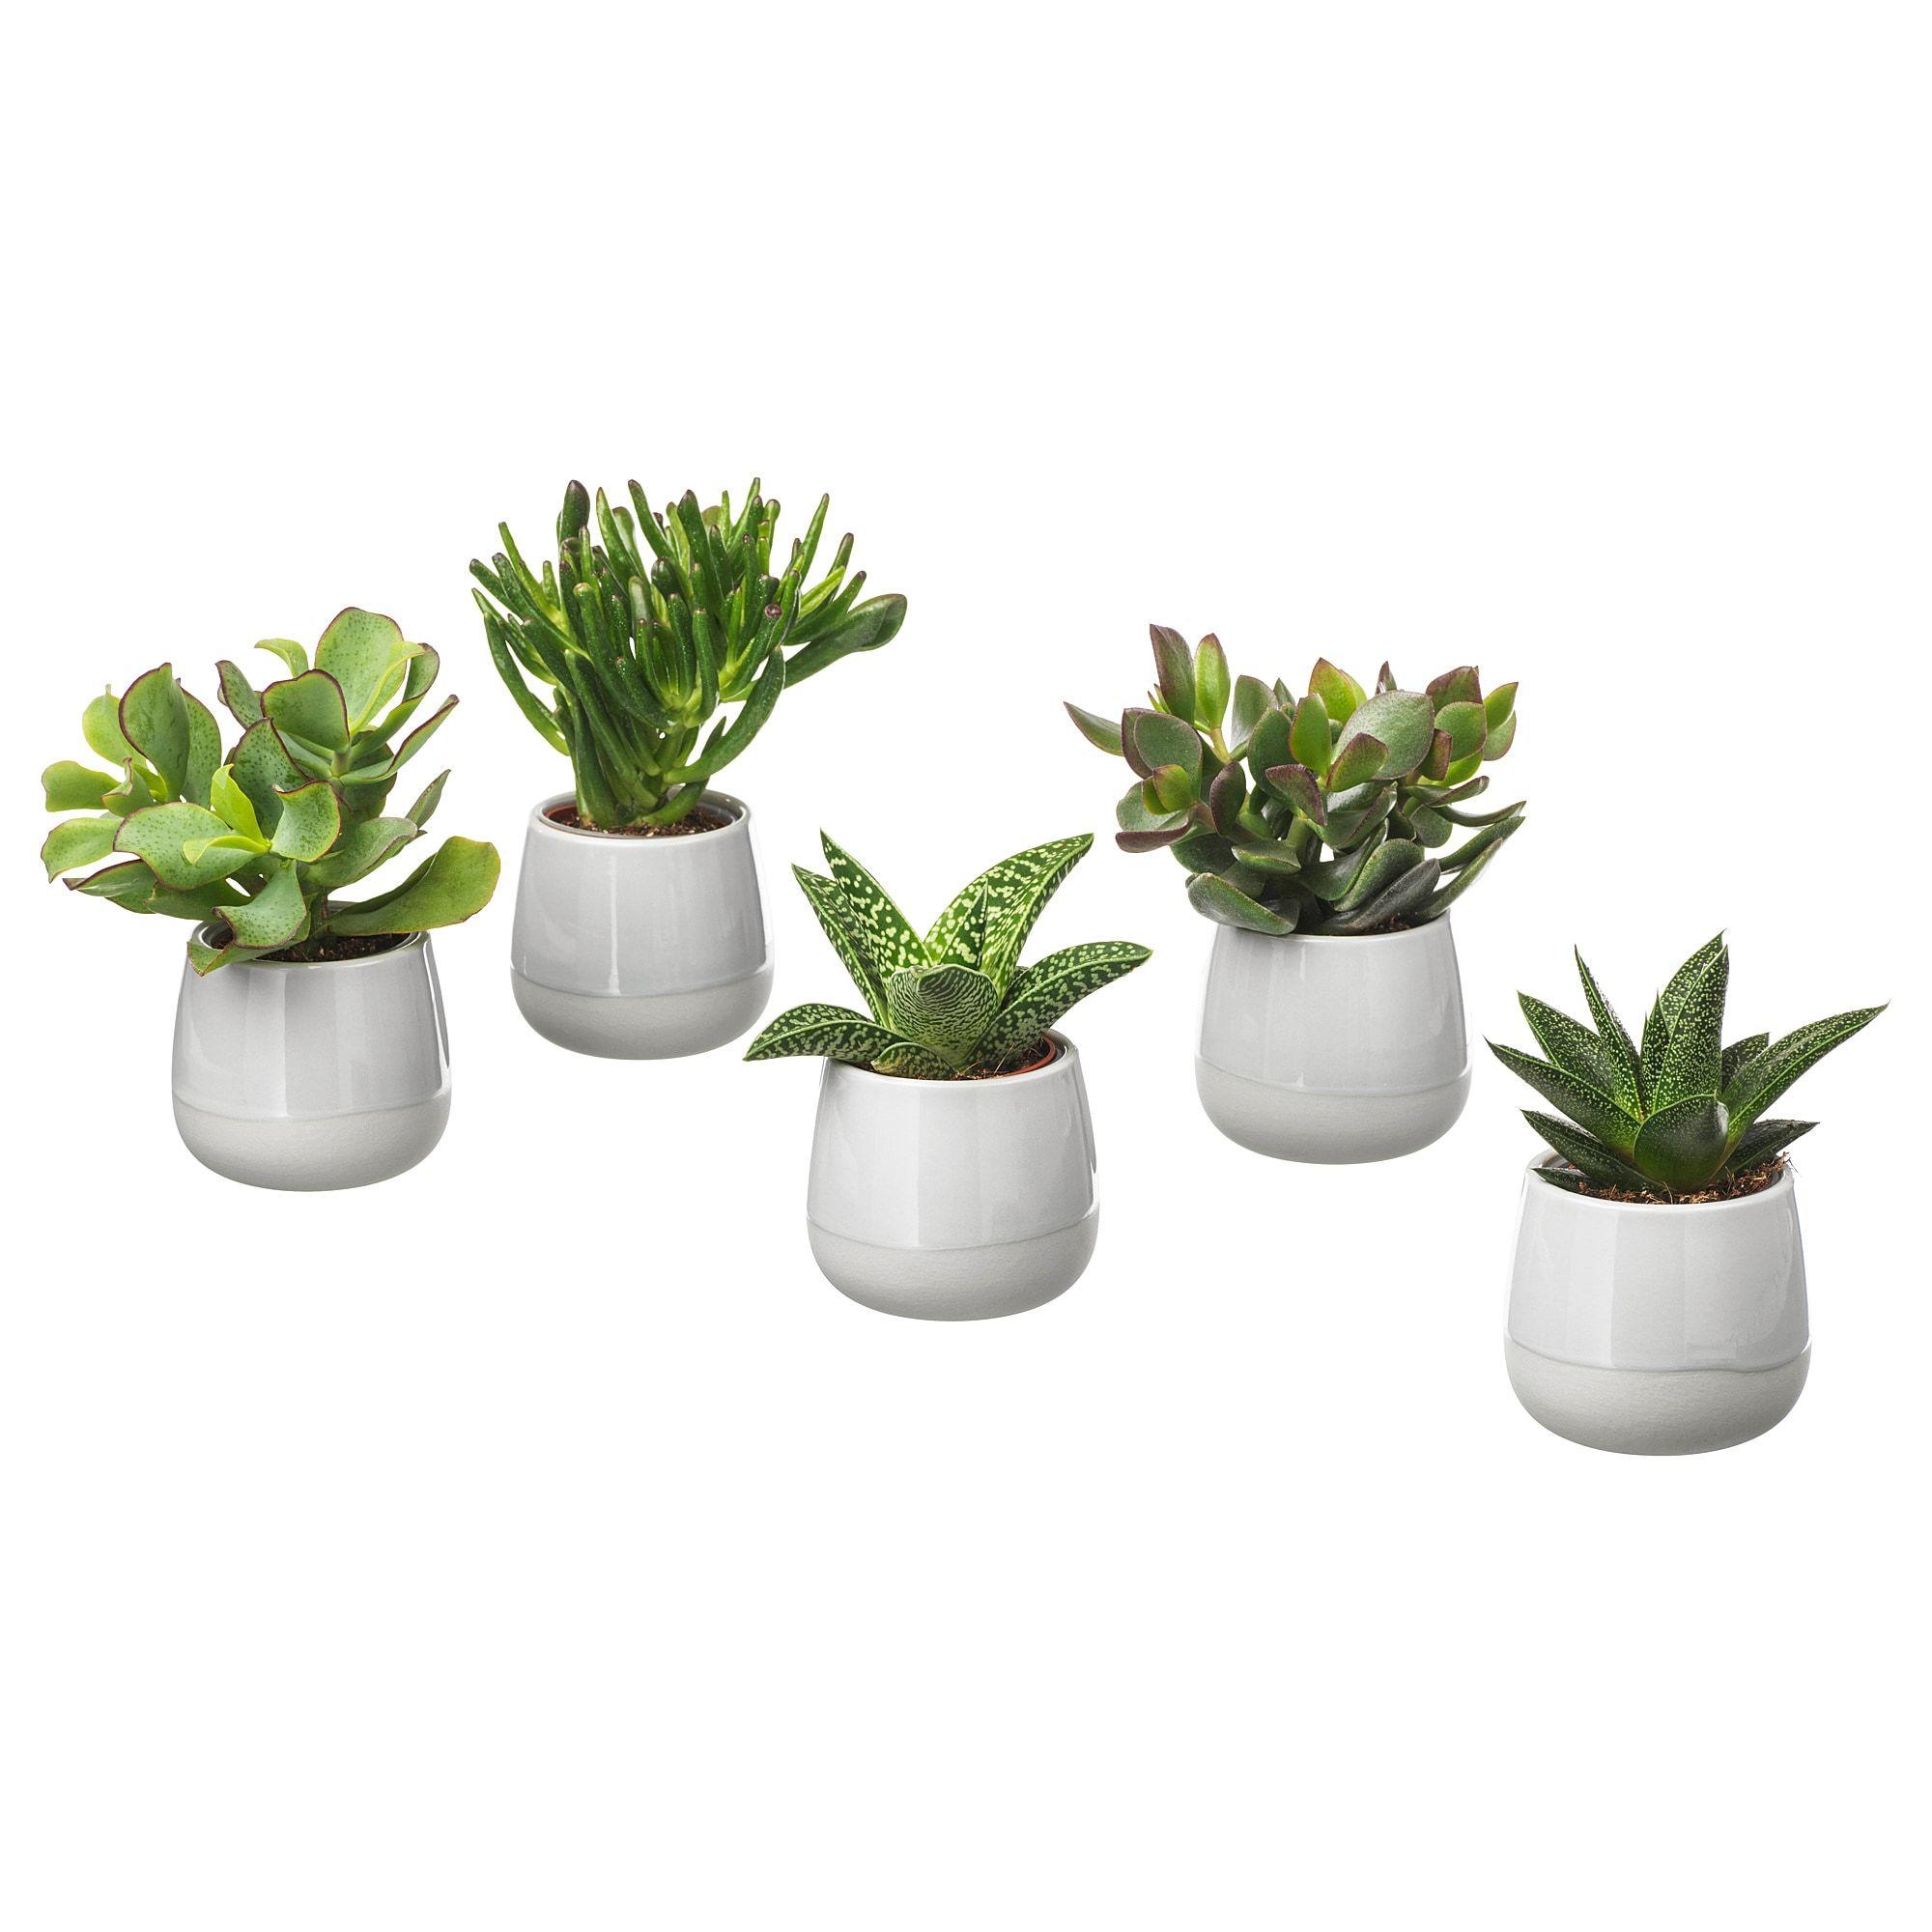 Succulent Potted Plant With Pot Grey 6 Cm Succulent Pots